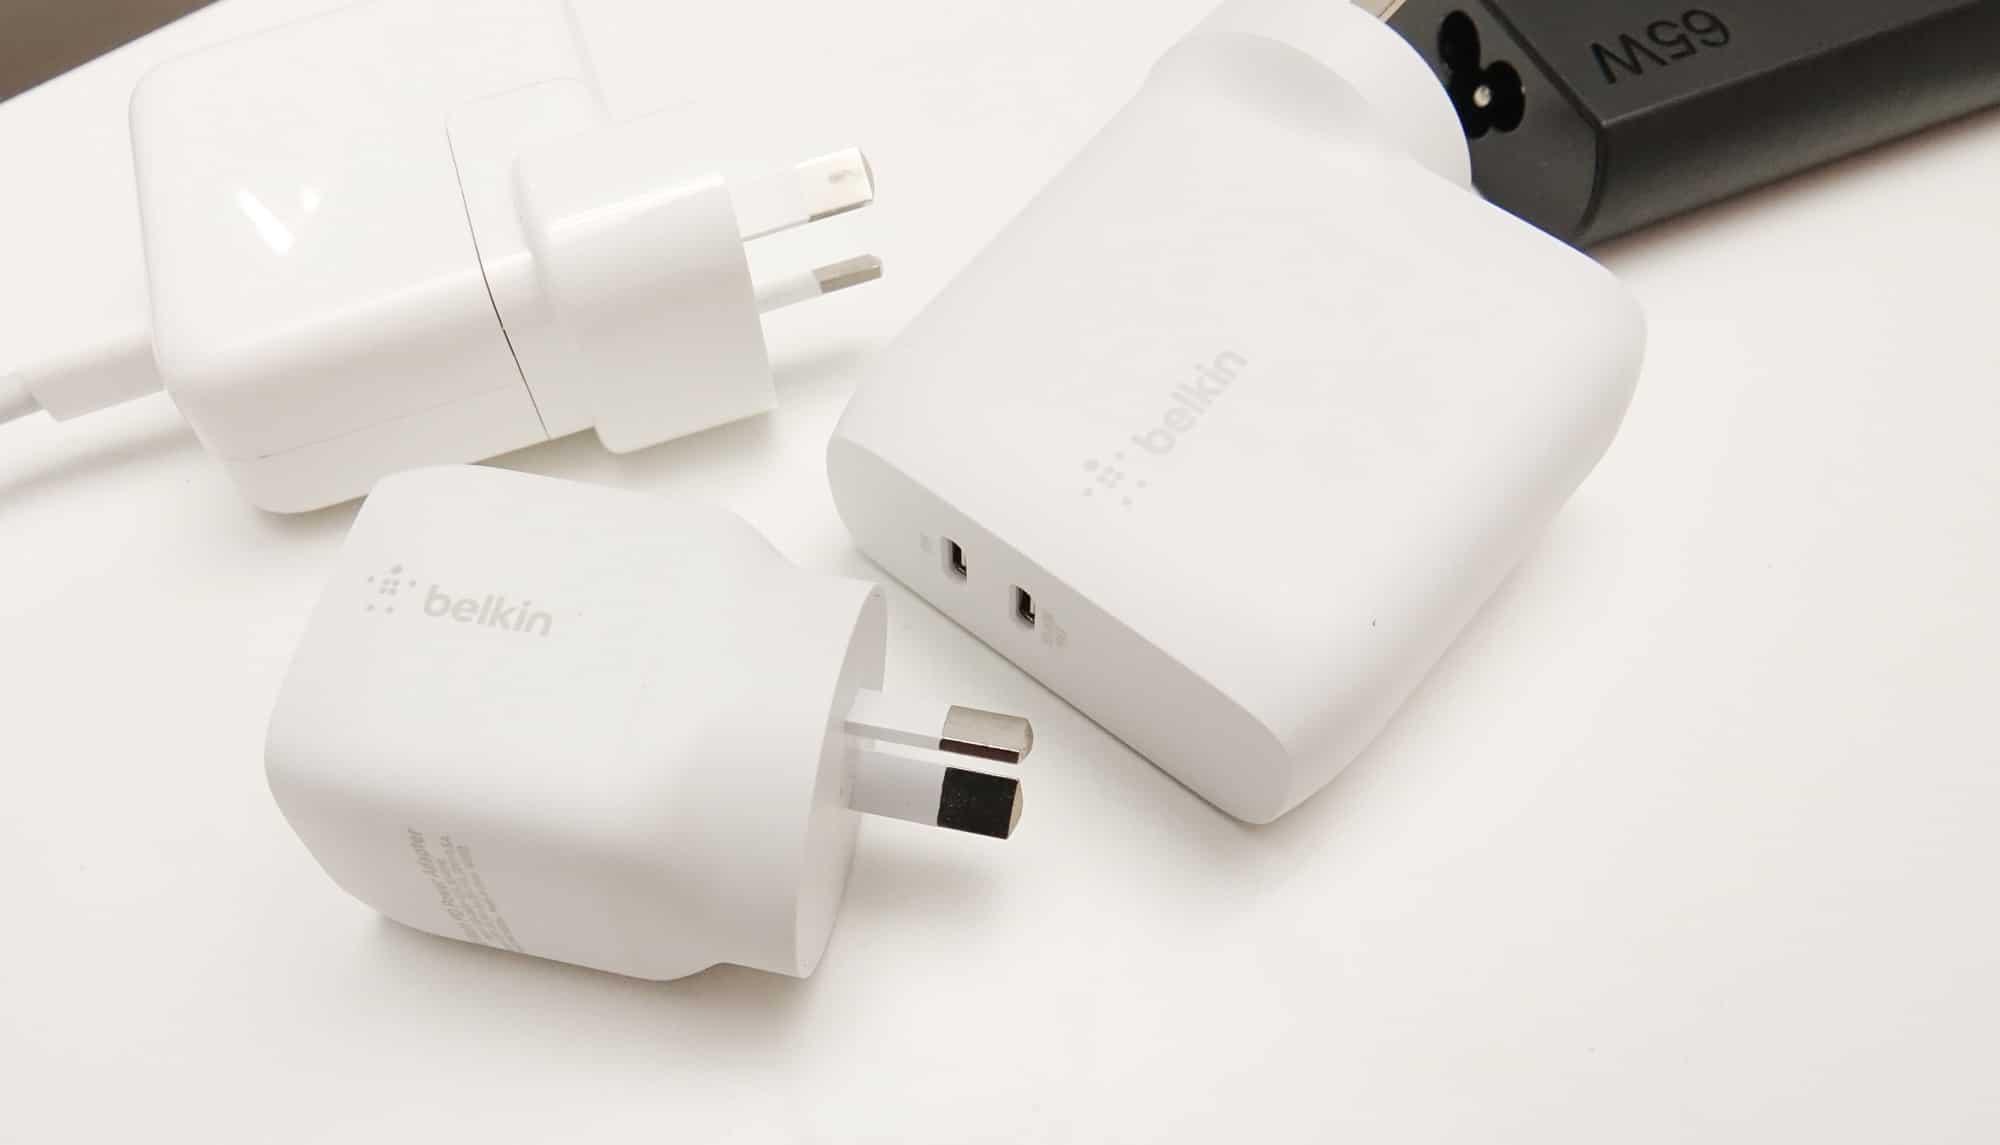 Belkin GaN Boost Charge Packs